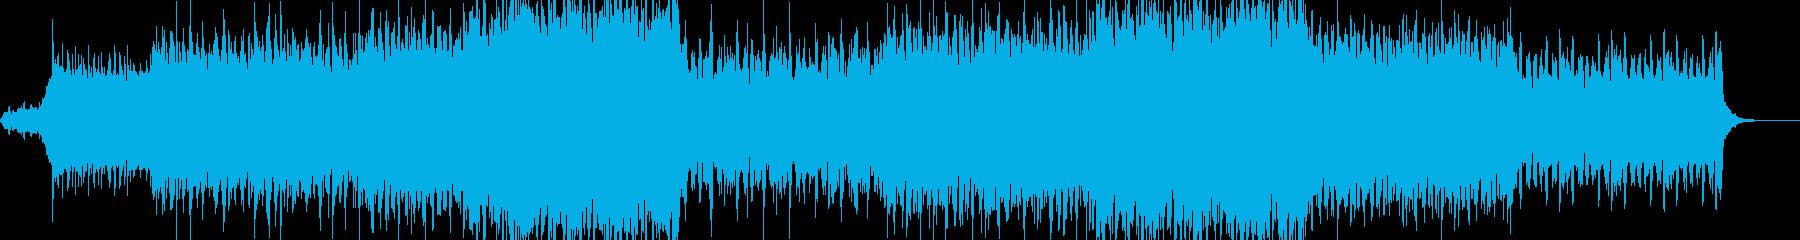 テンションが上がる電子音の曲の再生済みの波形